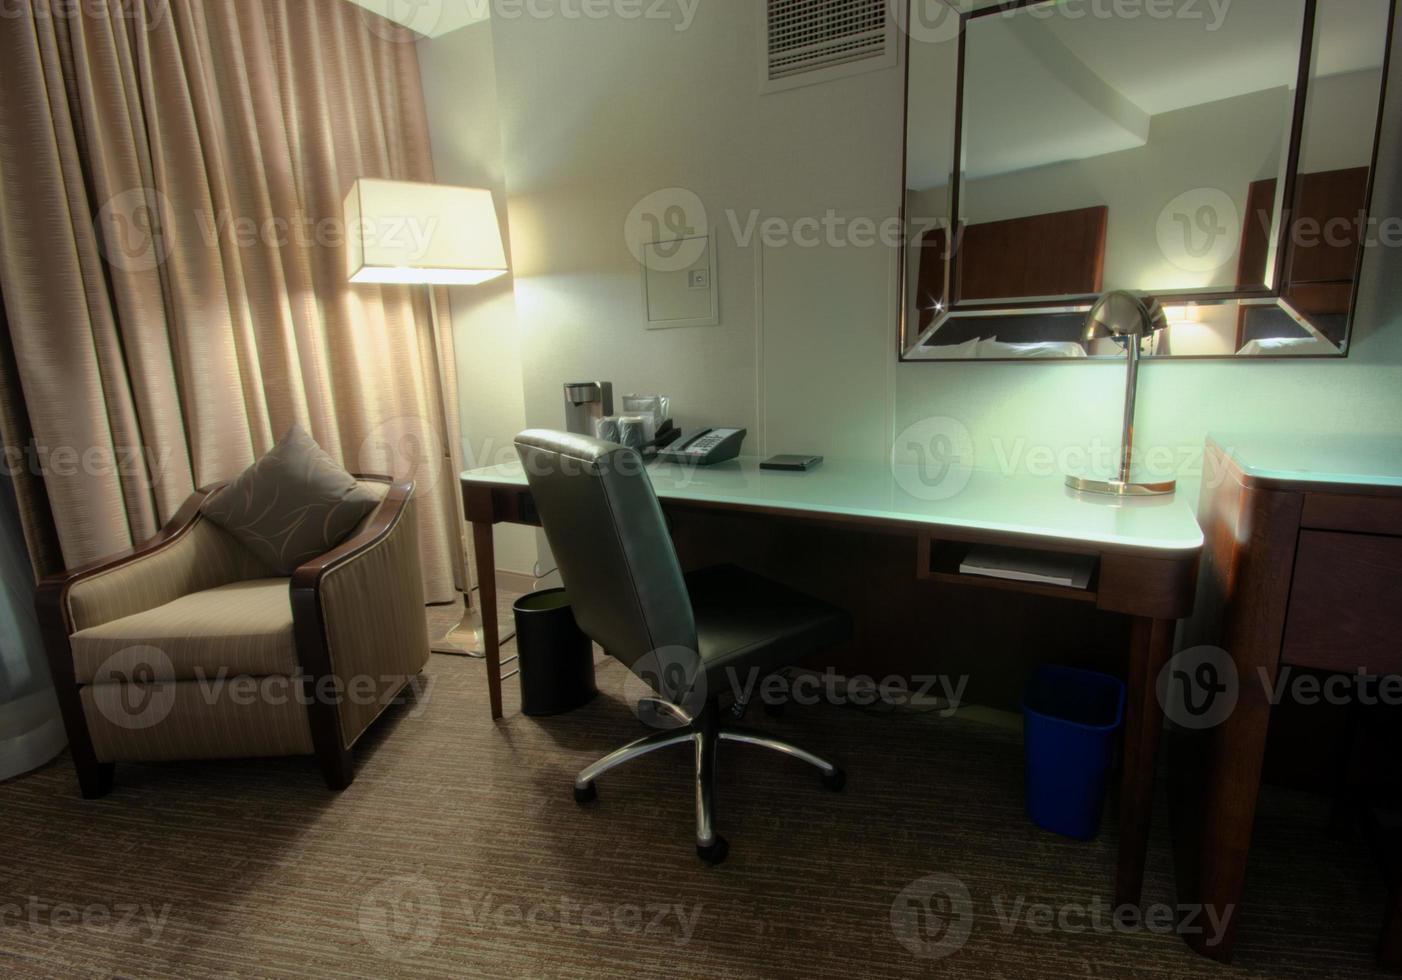 sala de estudio con escritorio, sillón, lámpara y espejo foto